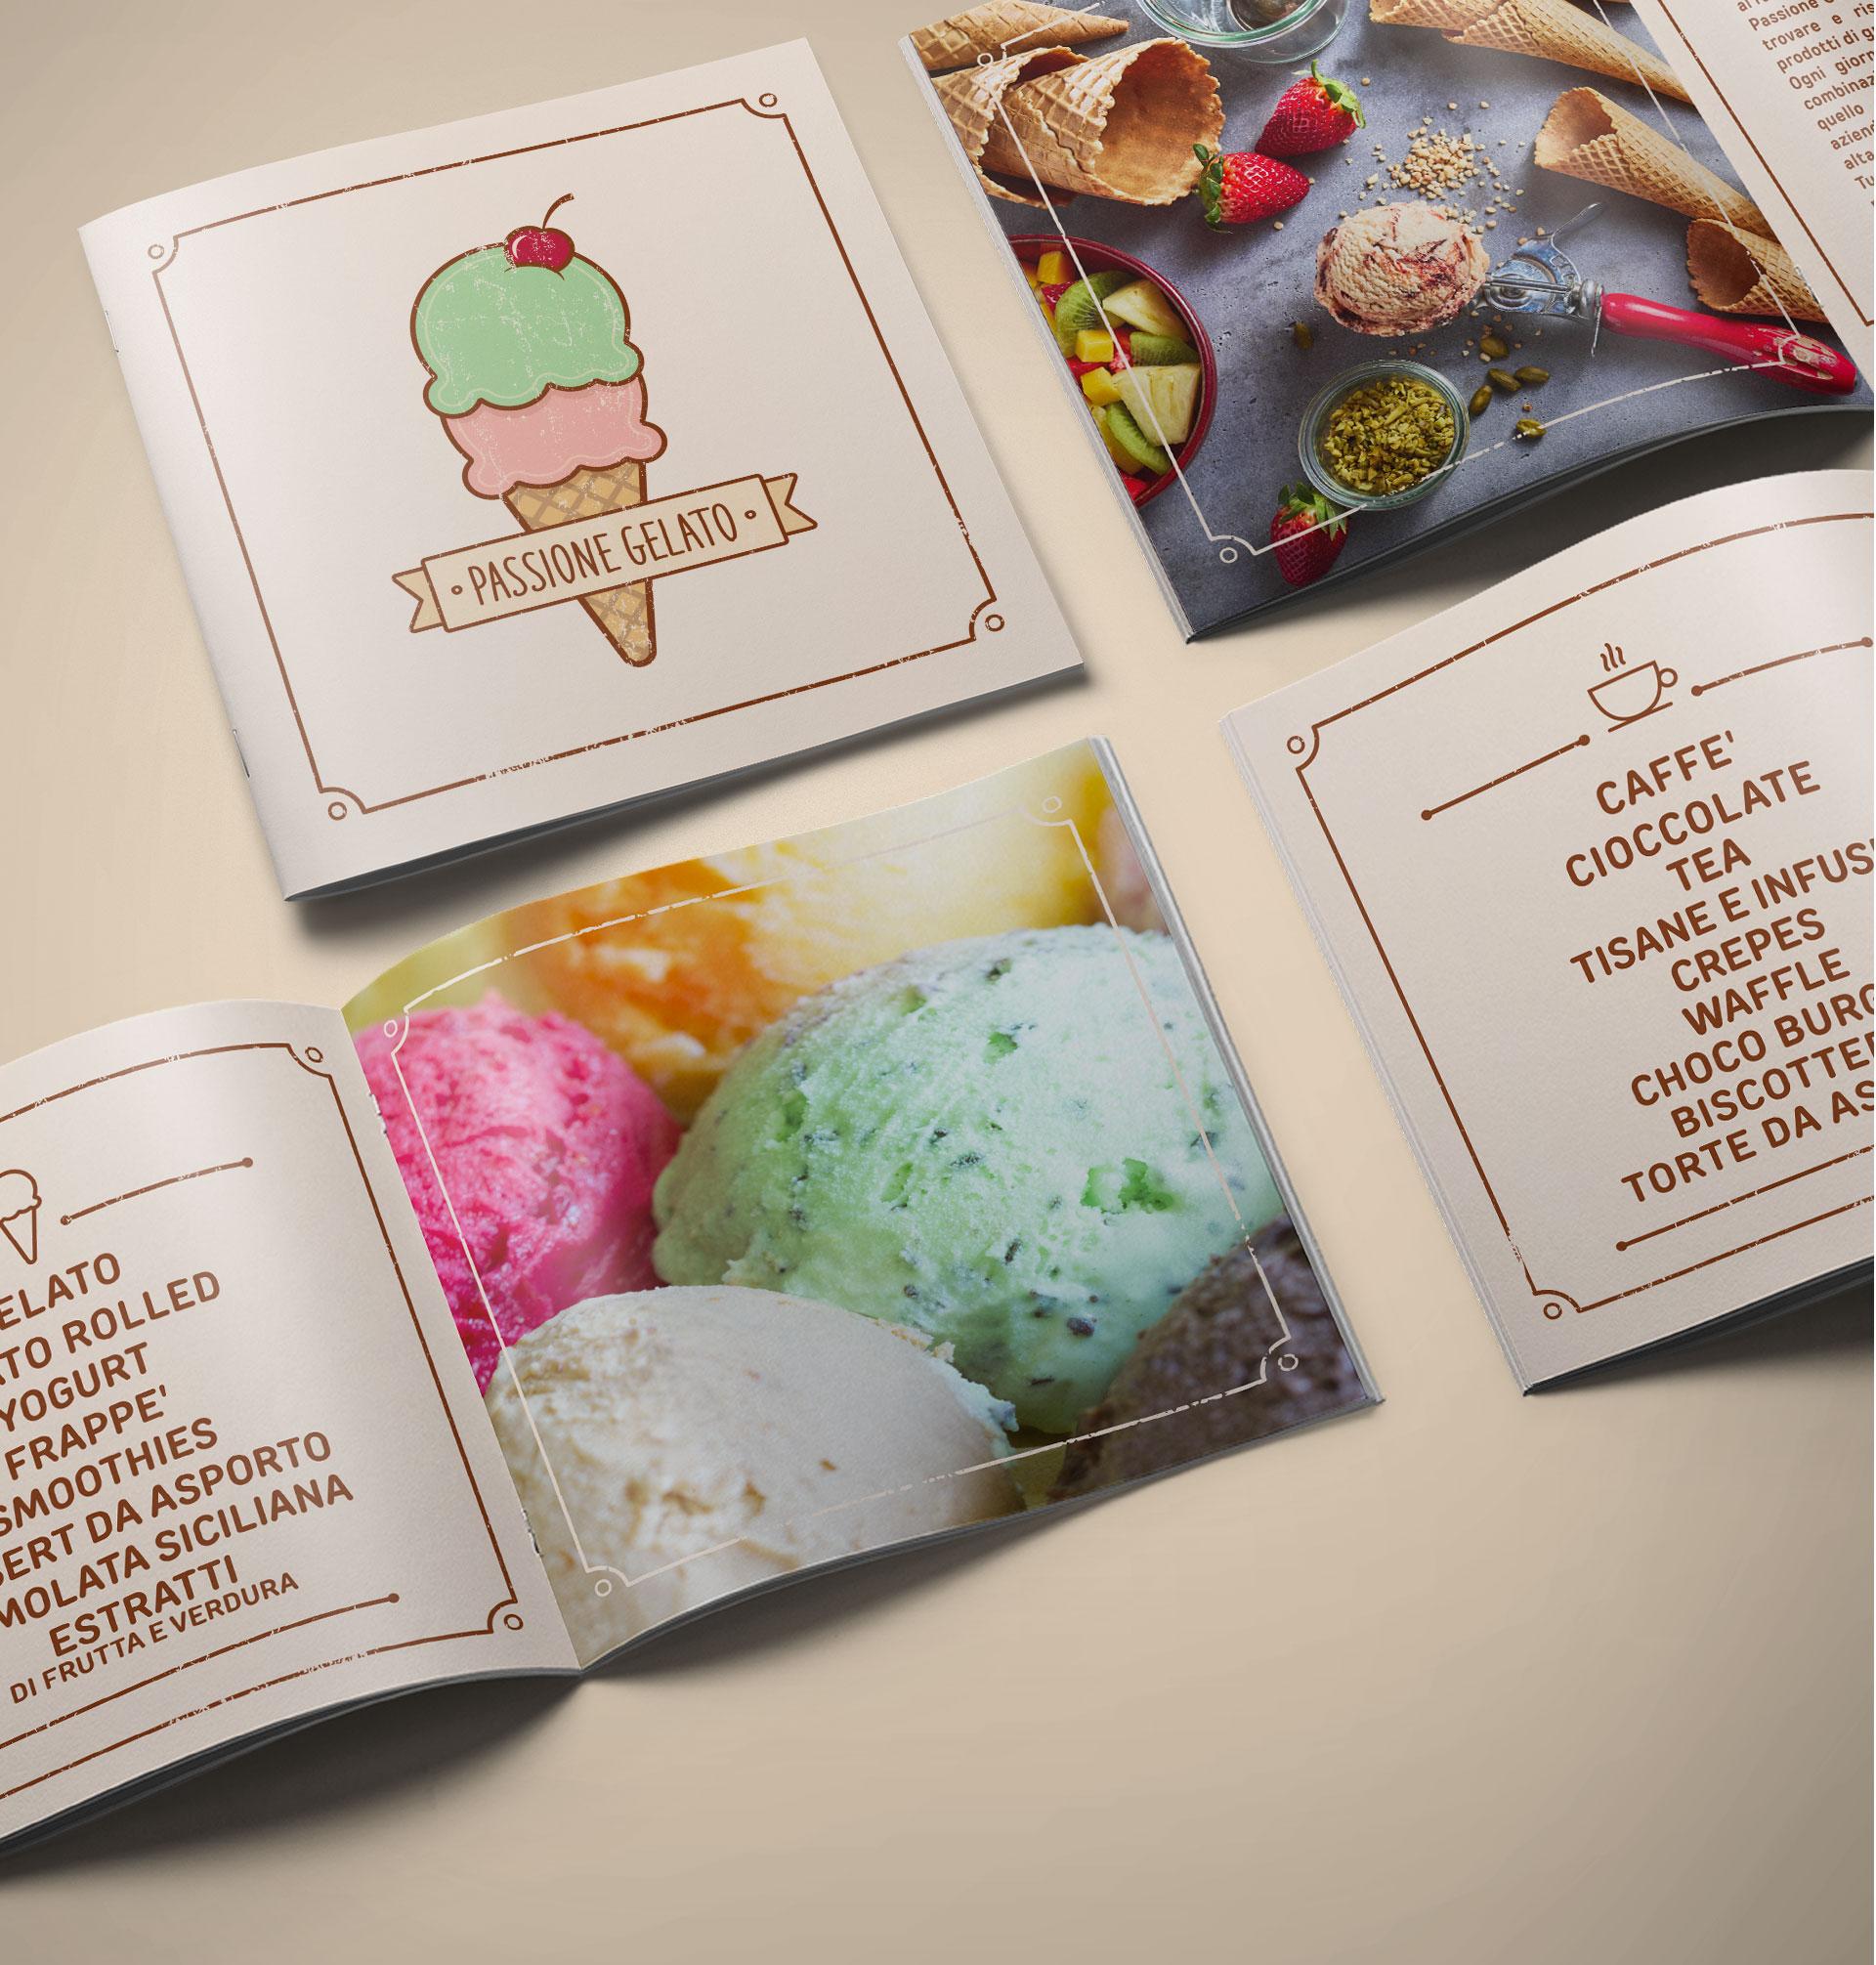 Passione-gelato-brochure-016studio